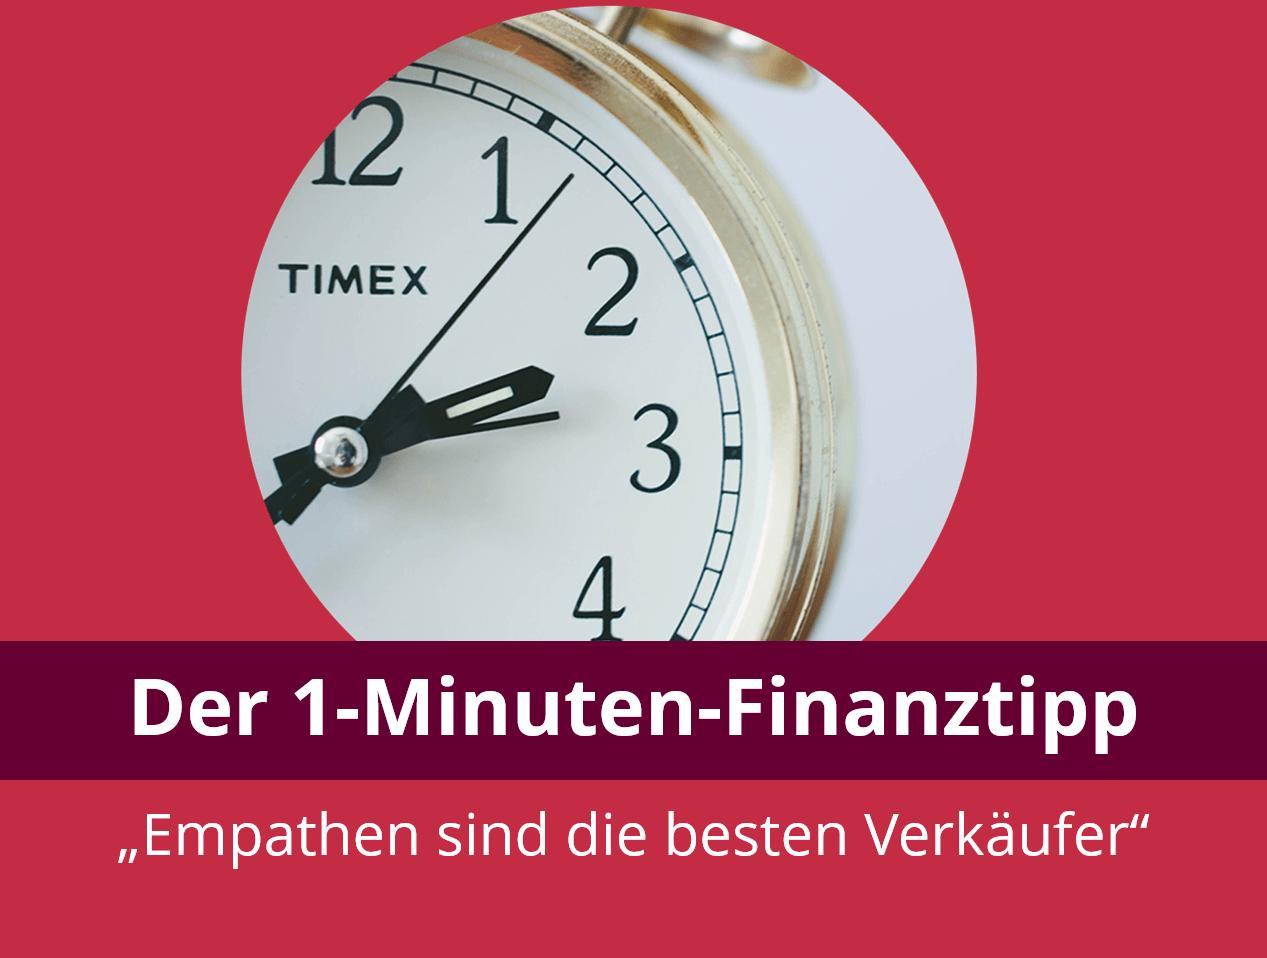 1-Minuten-Finanztipp: Empathen sind die besten Verkäufer